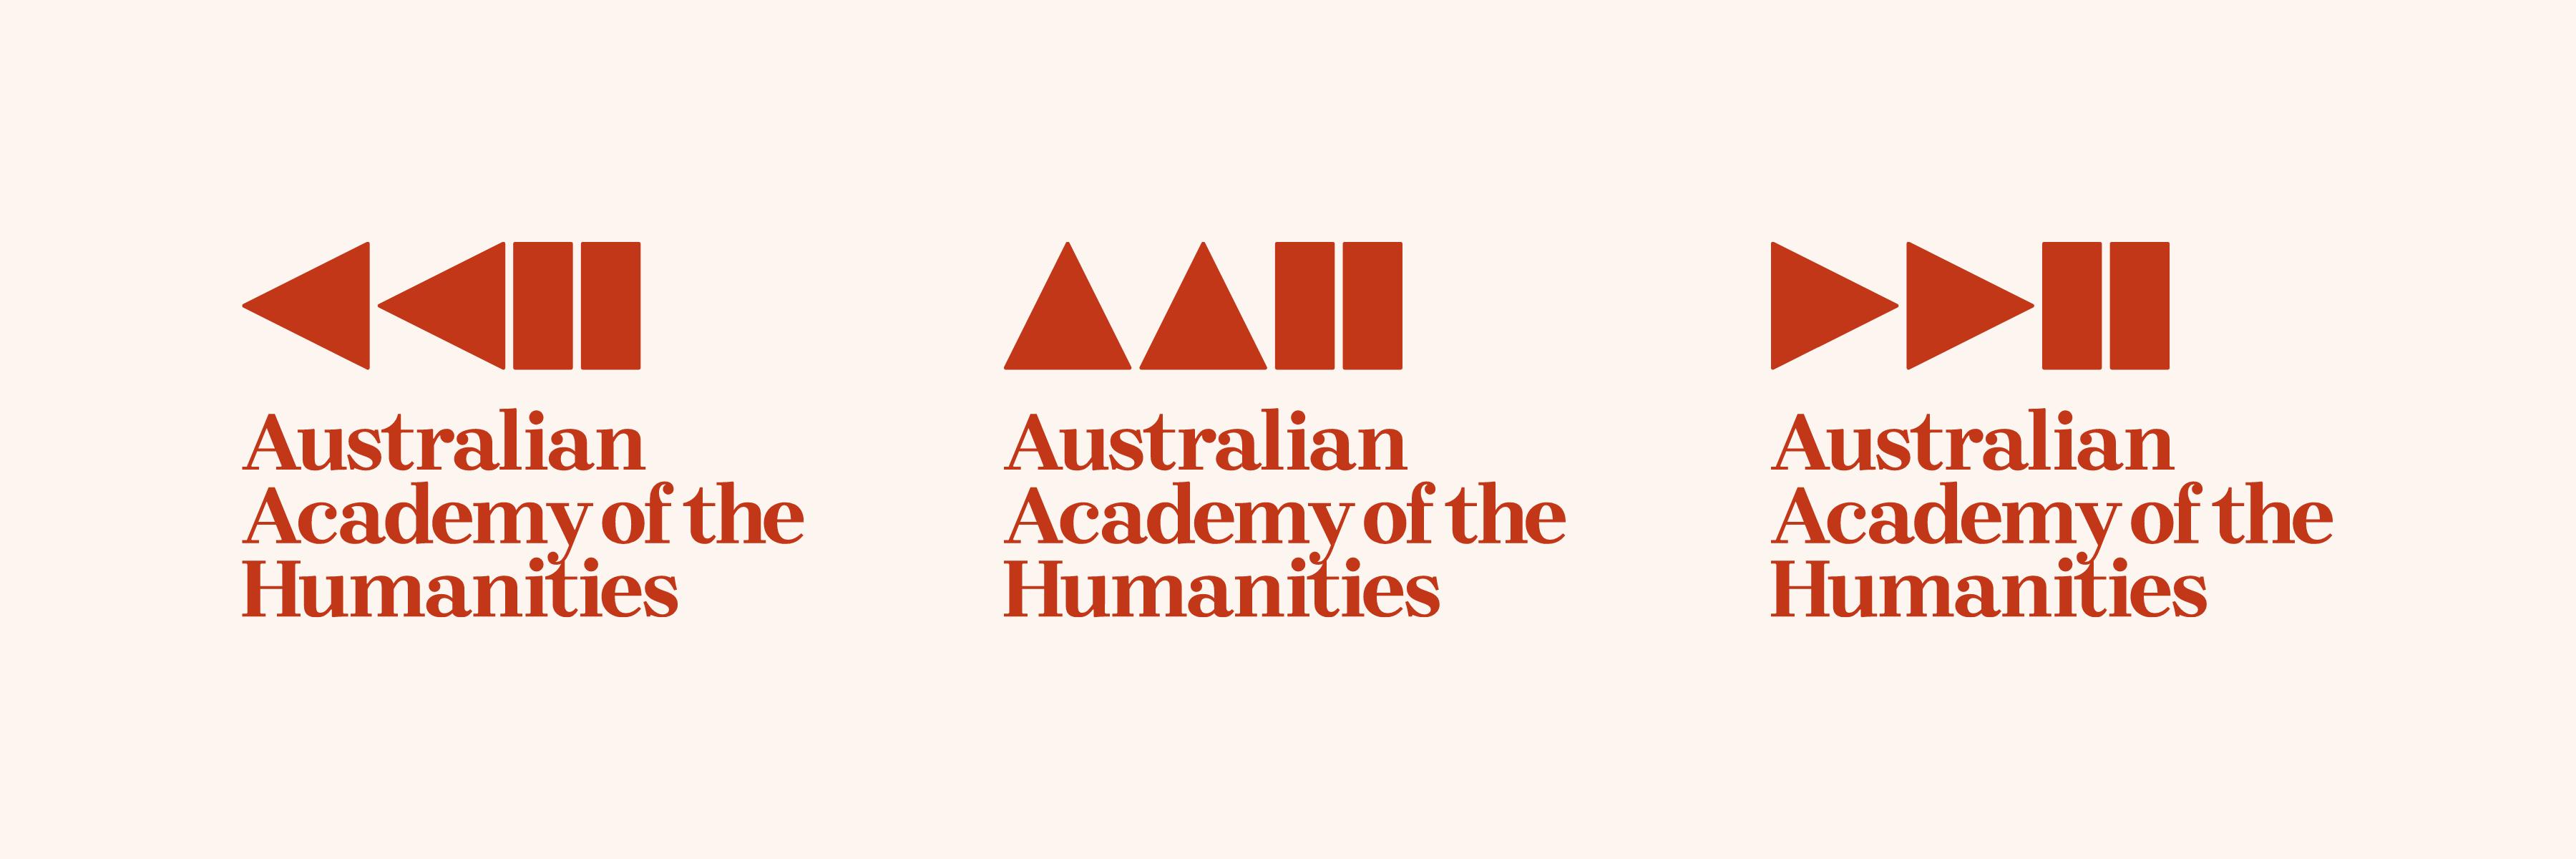 Australian Academy of Humanity logo